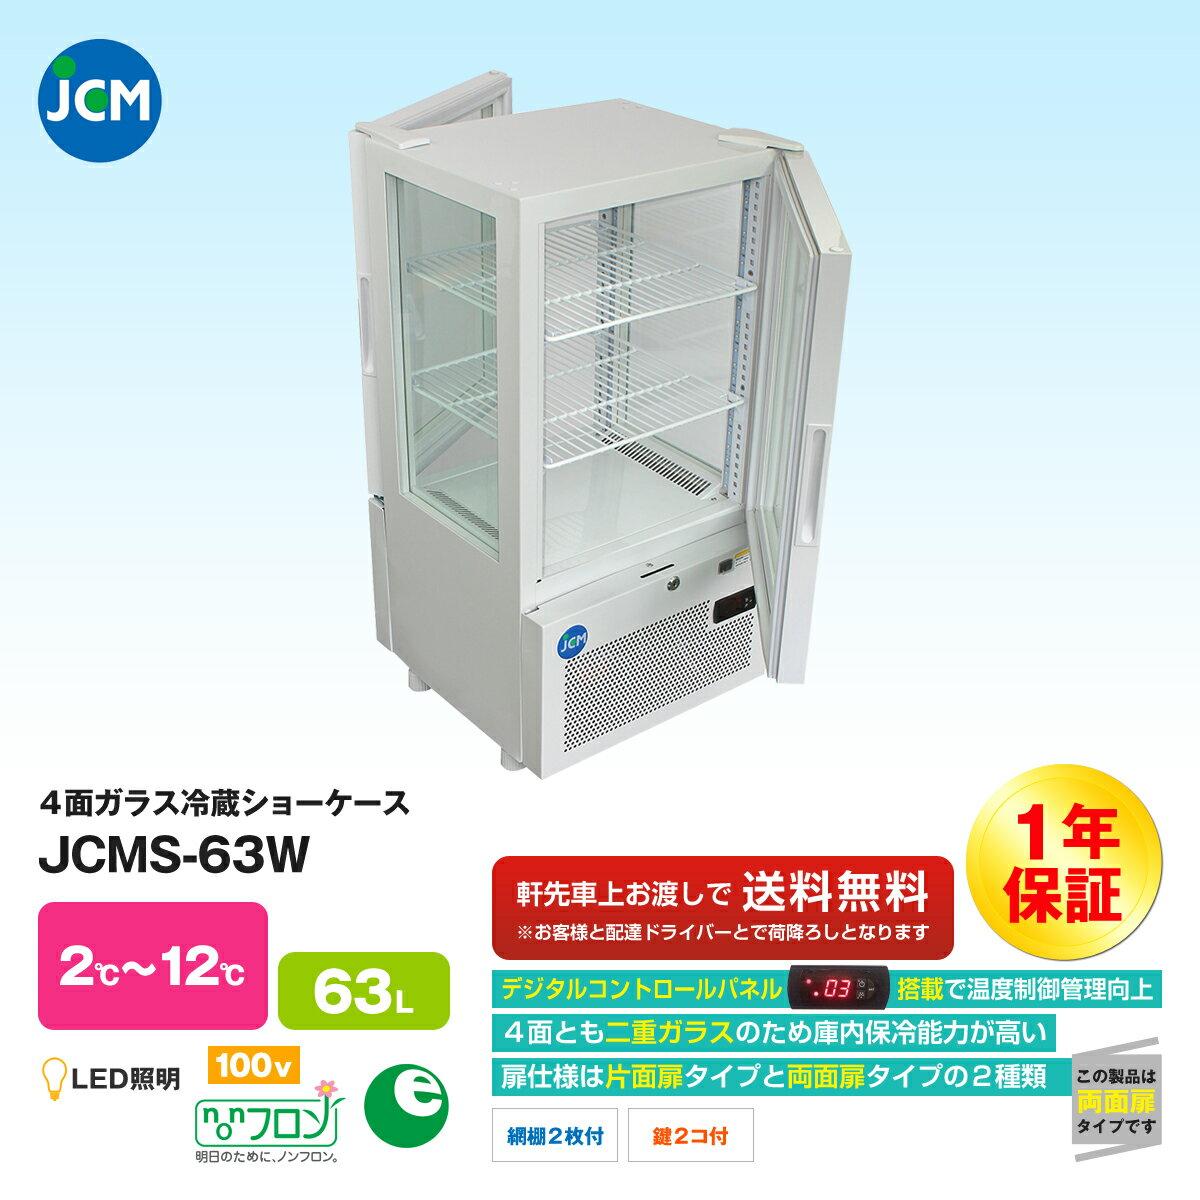 【エントリーでポイント最大10倍】JCM社製 業務用 保冷庫 冷蔵庫 63L 4面 ガラス 冷蔵 ショーケース (両面扉) JCMS-63W 新品